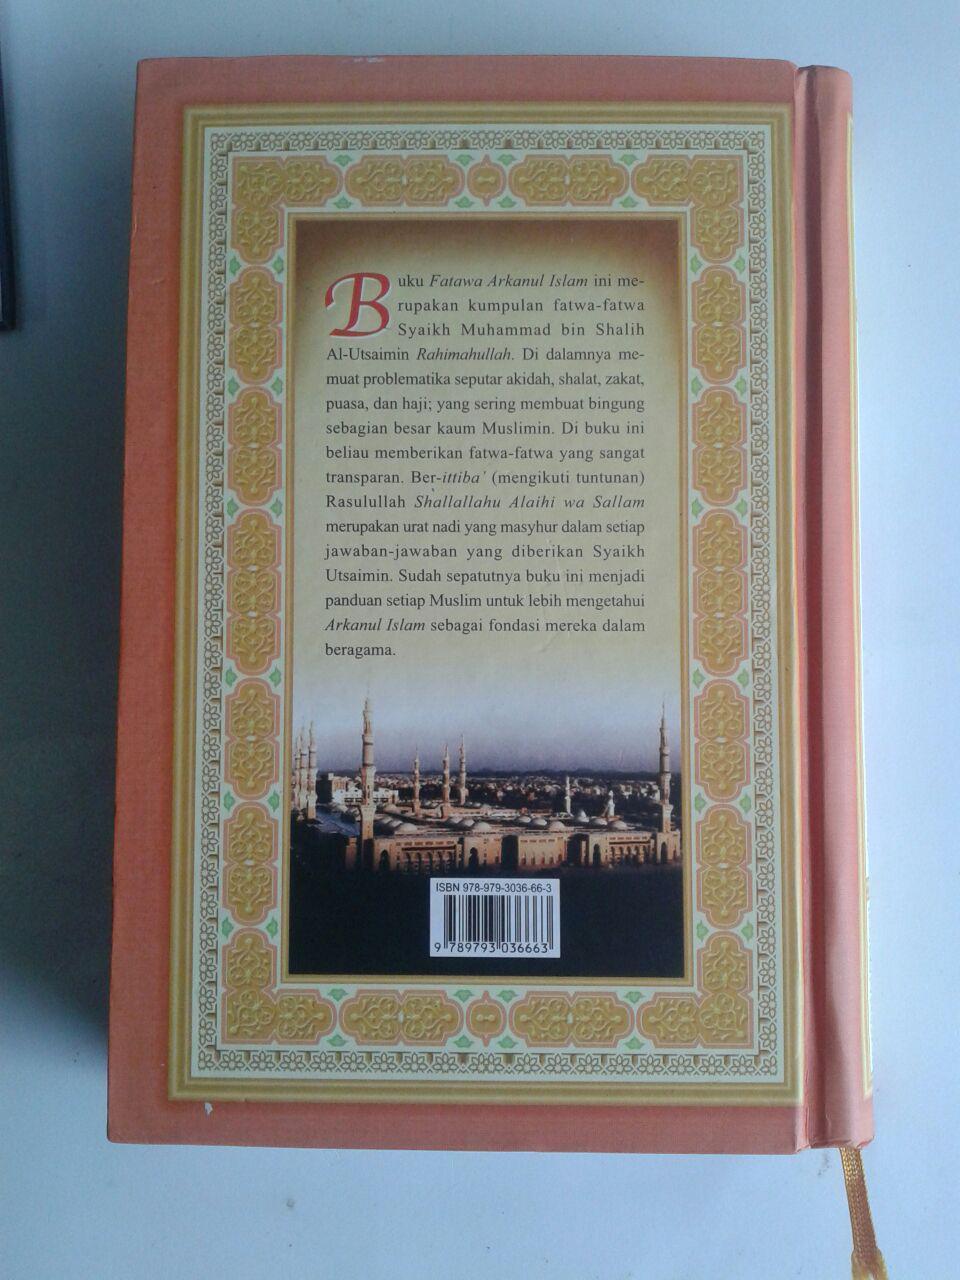 Buku Tuntunan Tanya Jawab Aqidah Shalat Zakat Puasa Dan Haji cover